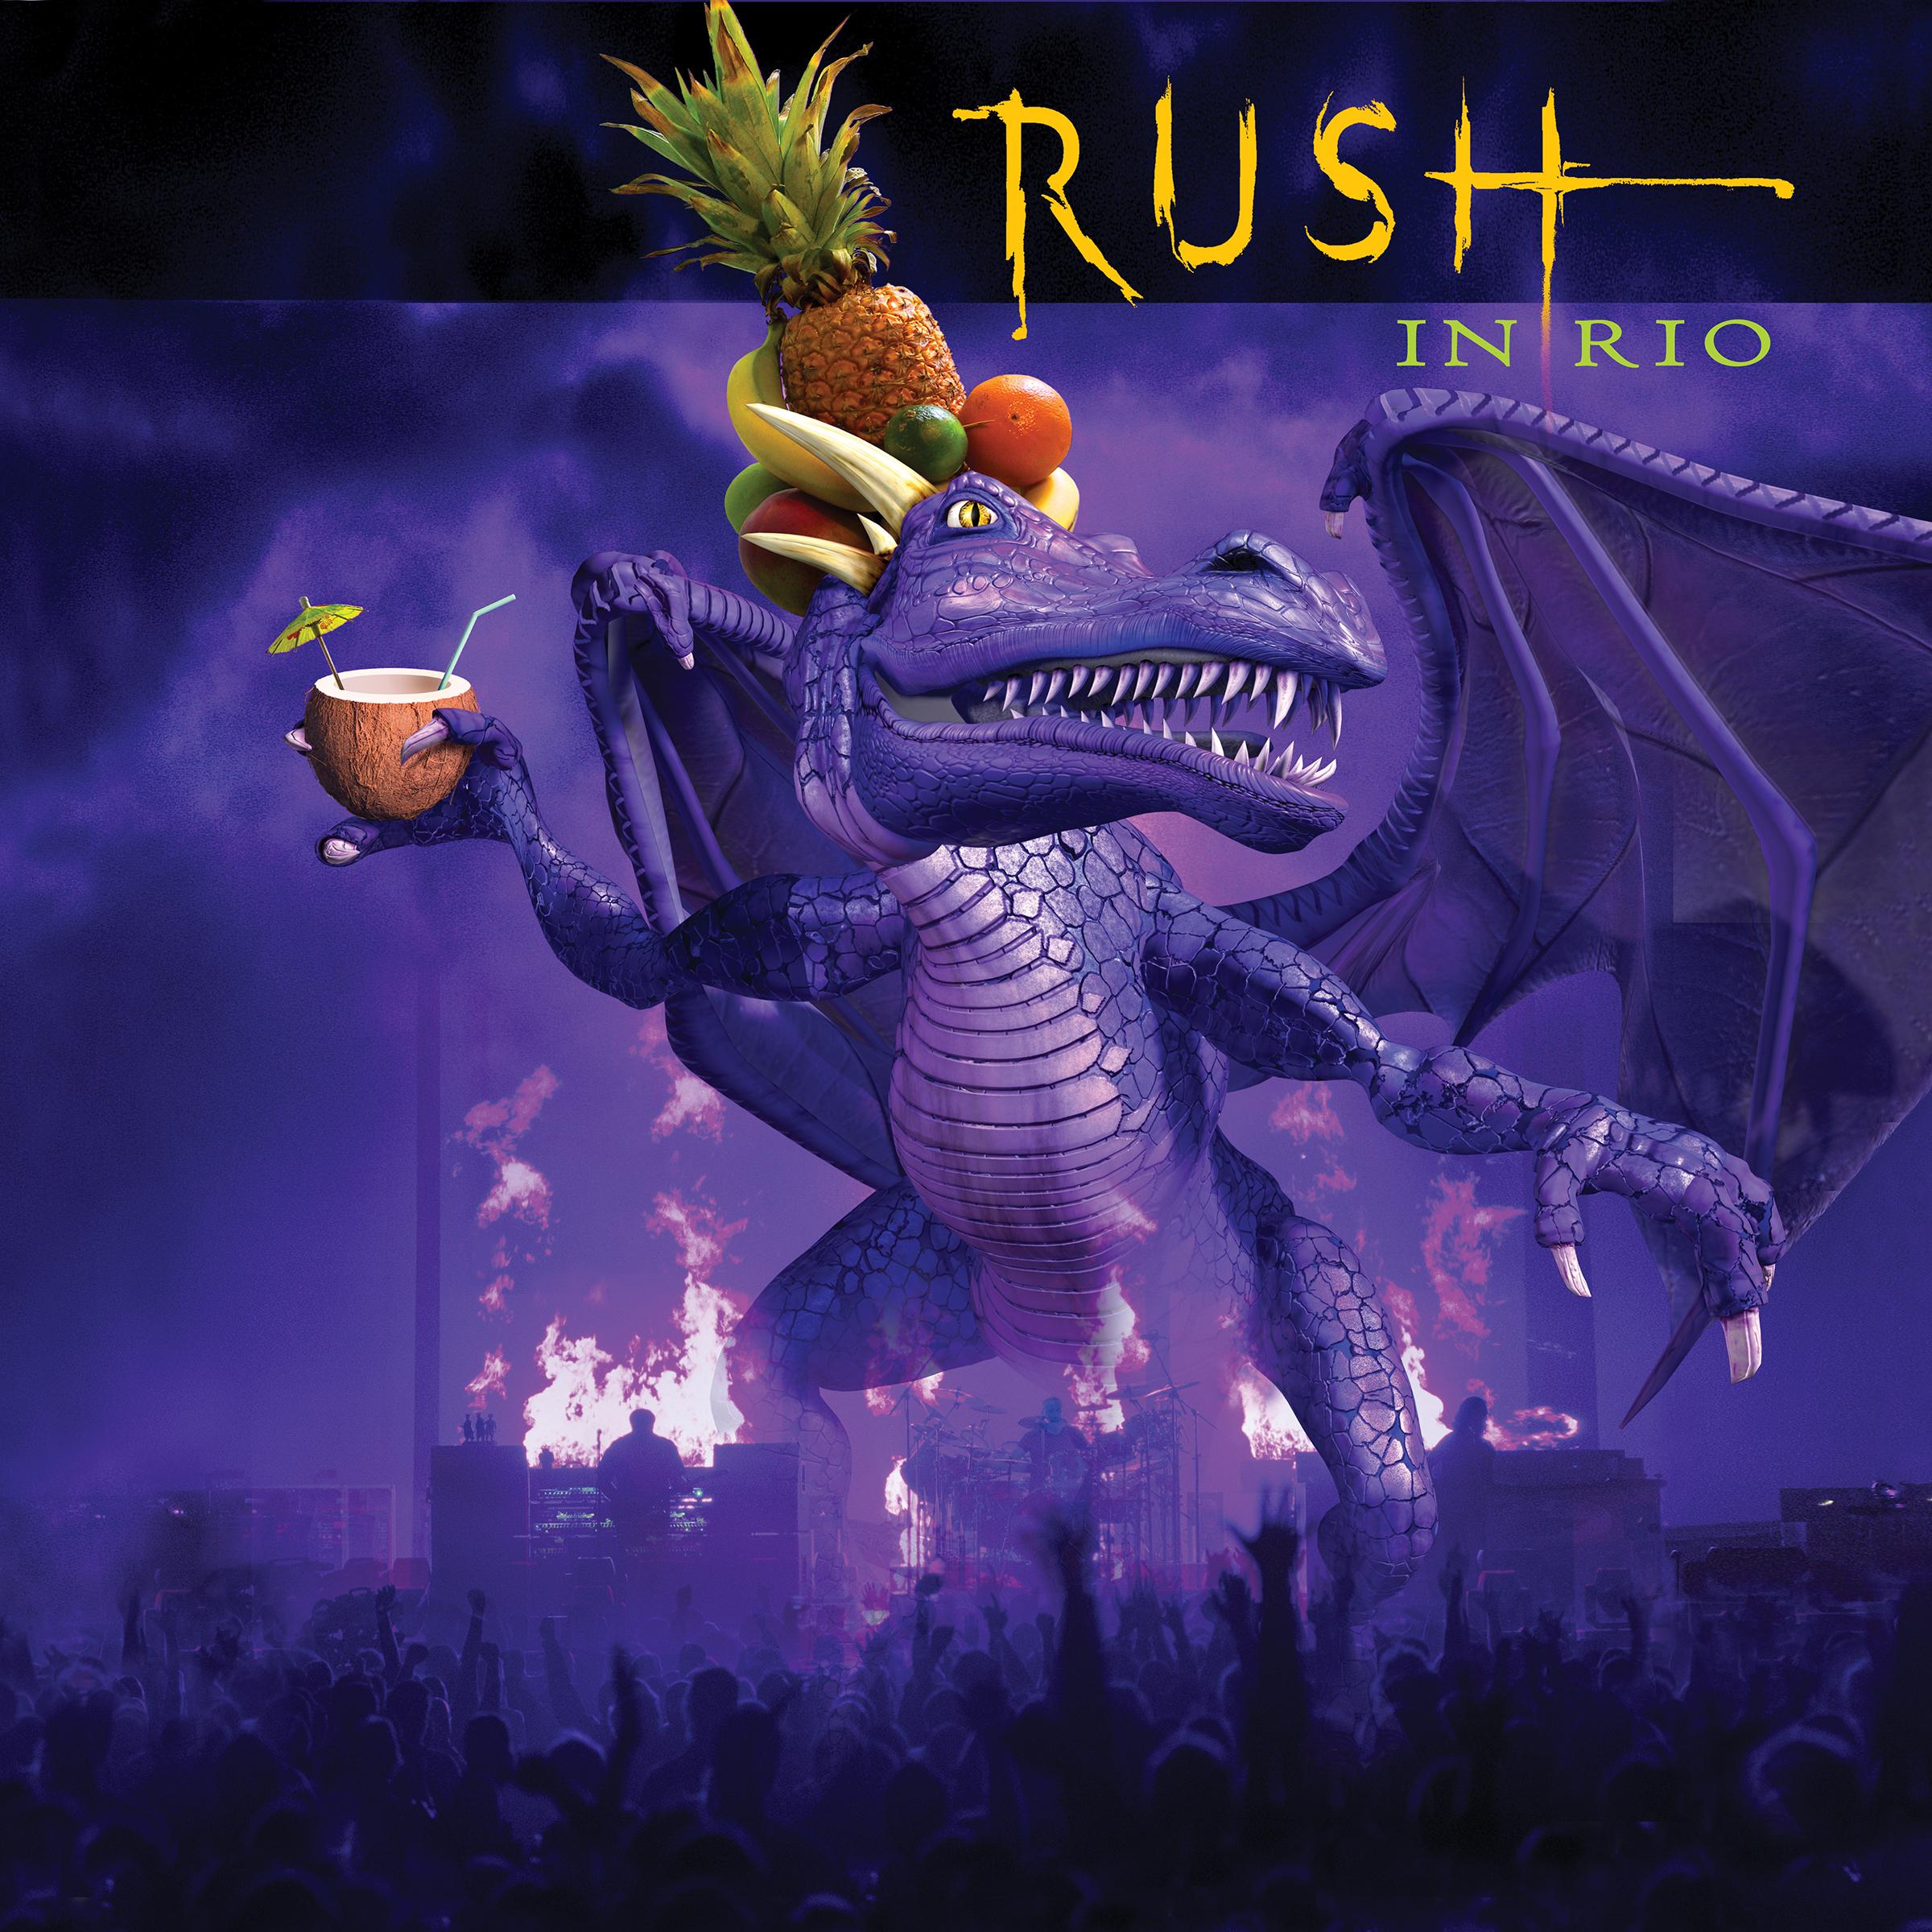 Rush in Rio 4 Vinyl Set